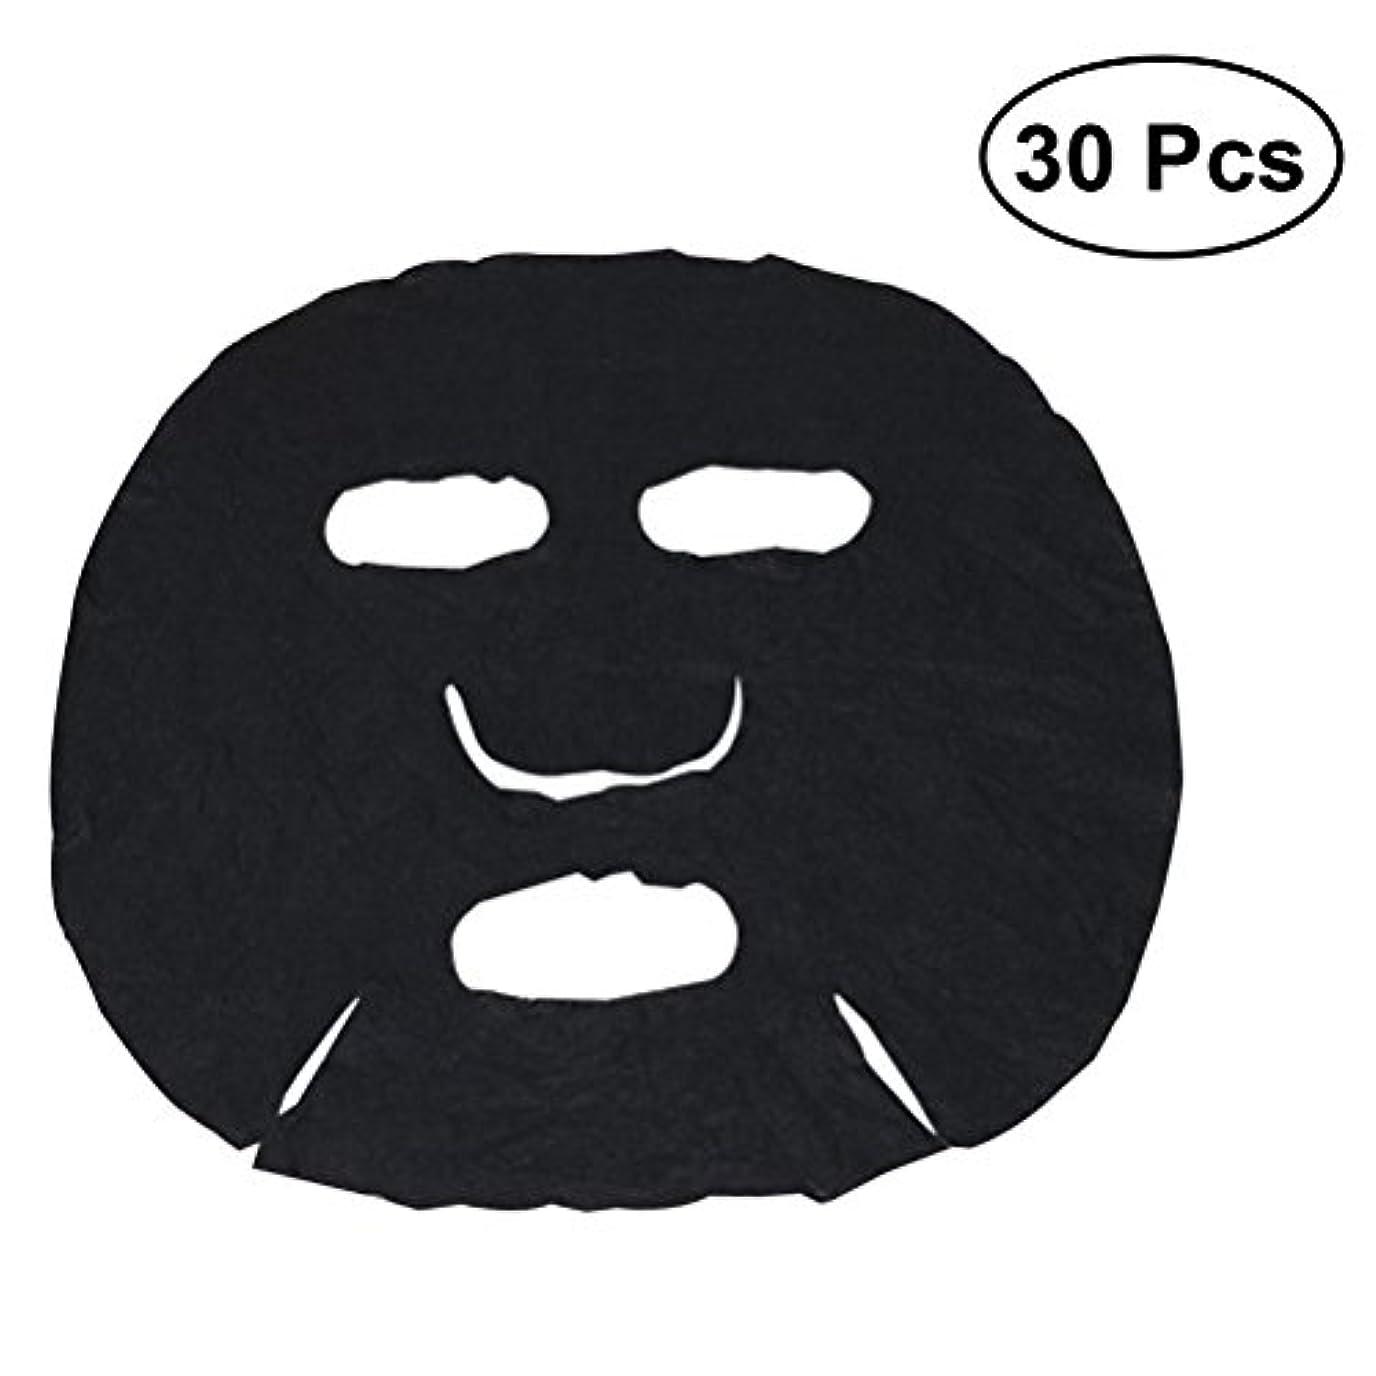 フォアタイプ退却口径Frcolor 圧縮マスク 圧縮フェイスパック 竹炭 圧縮マスクシート スキンケア DIY 30枚入り 携帯便利 使い捨て